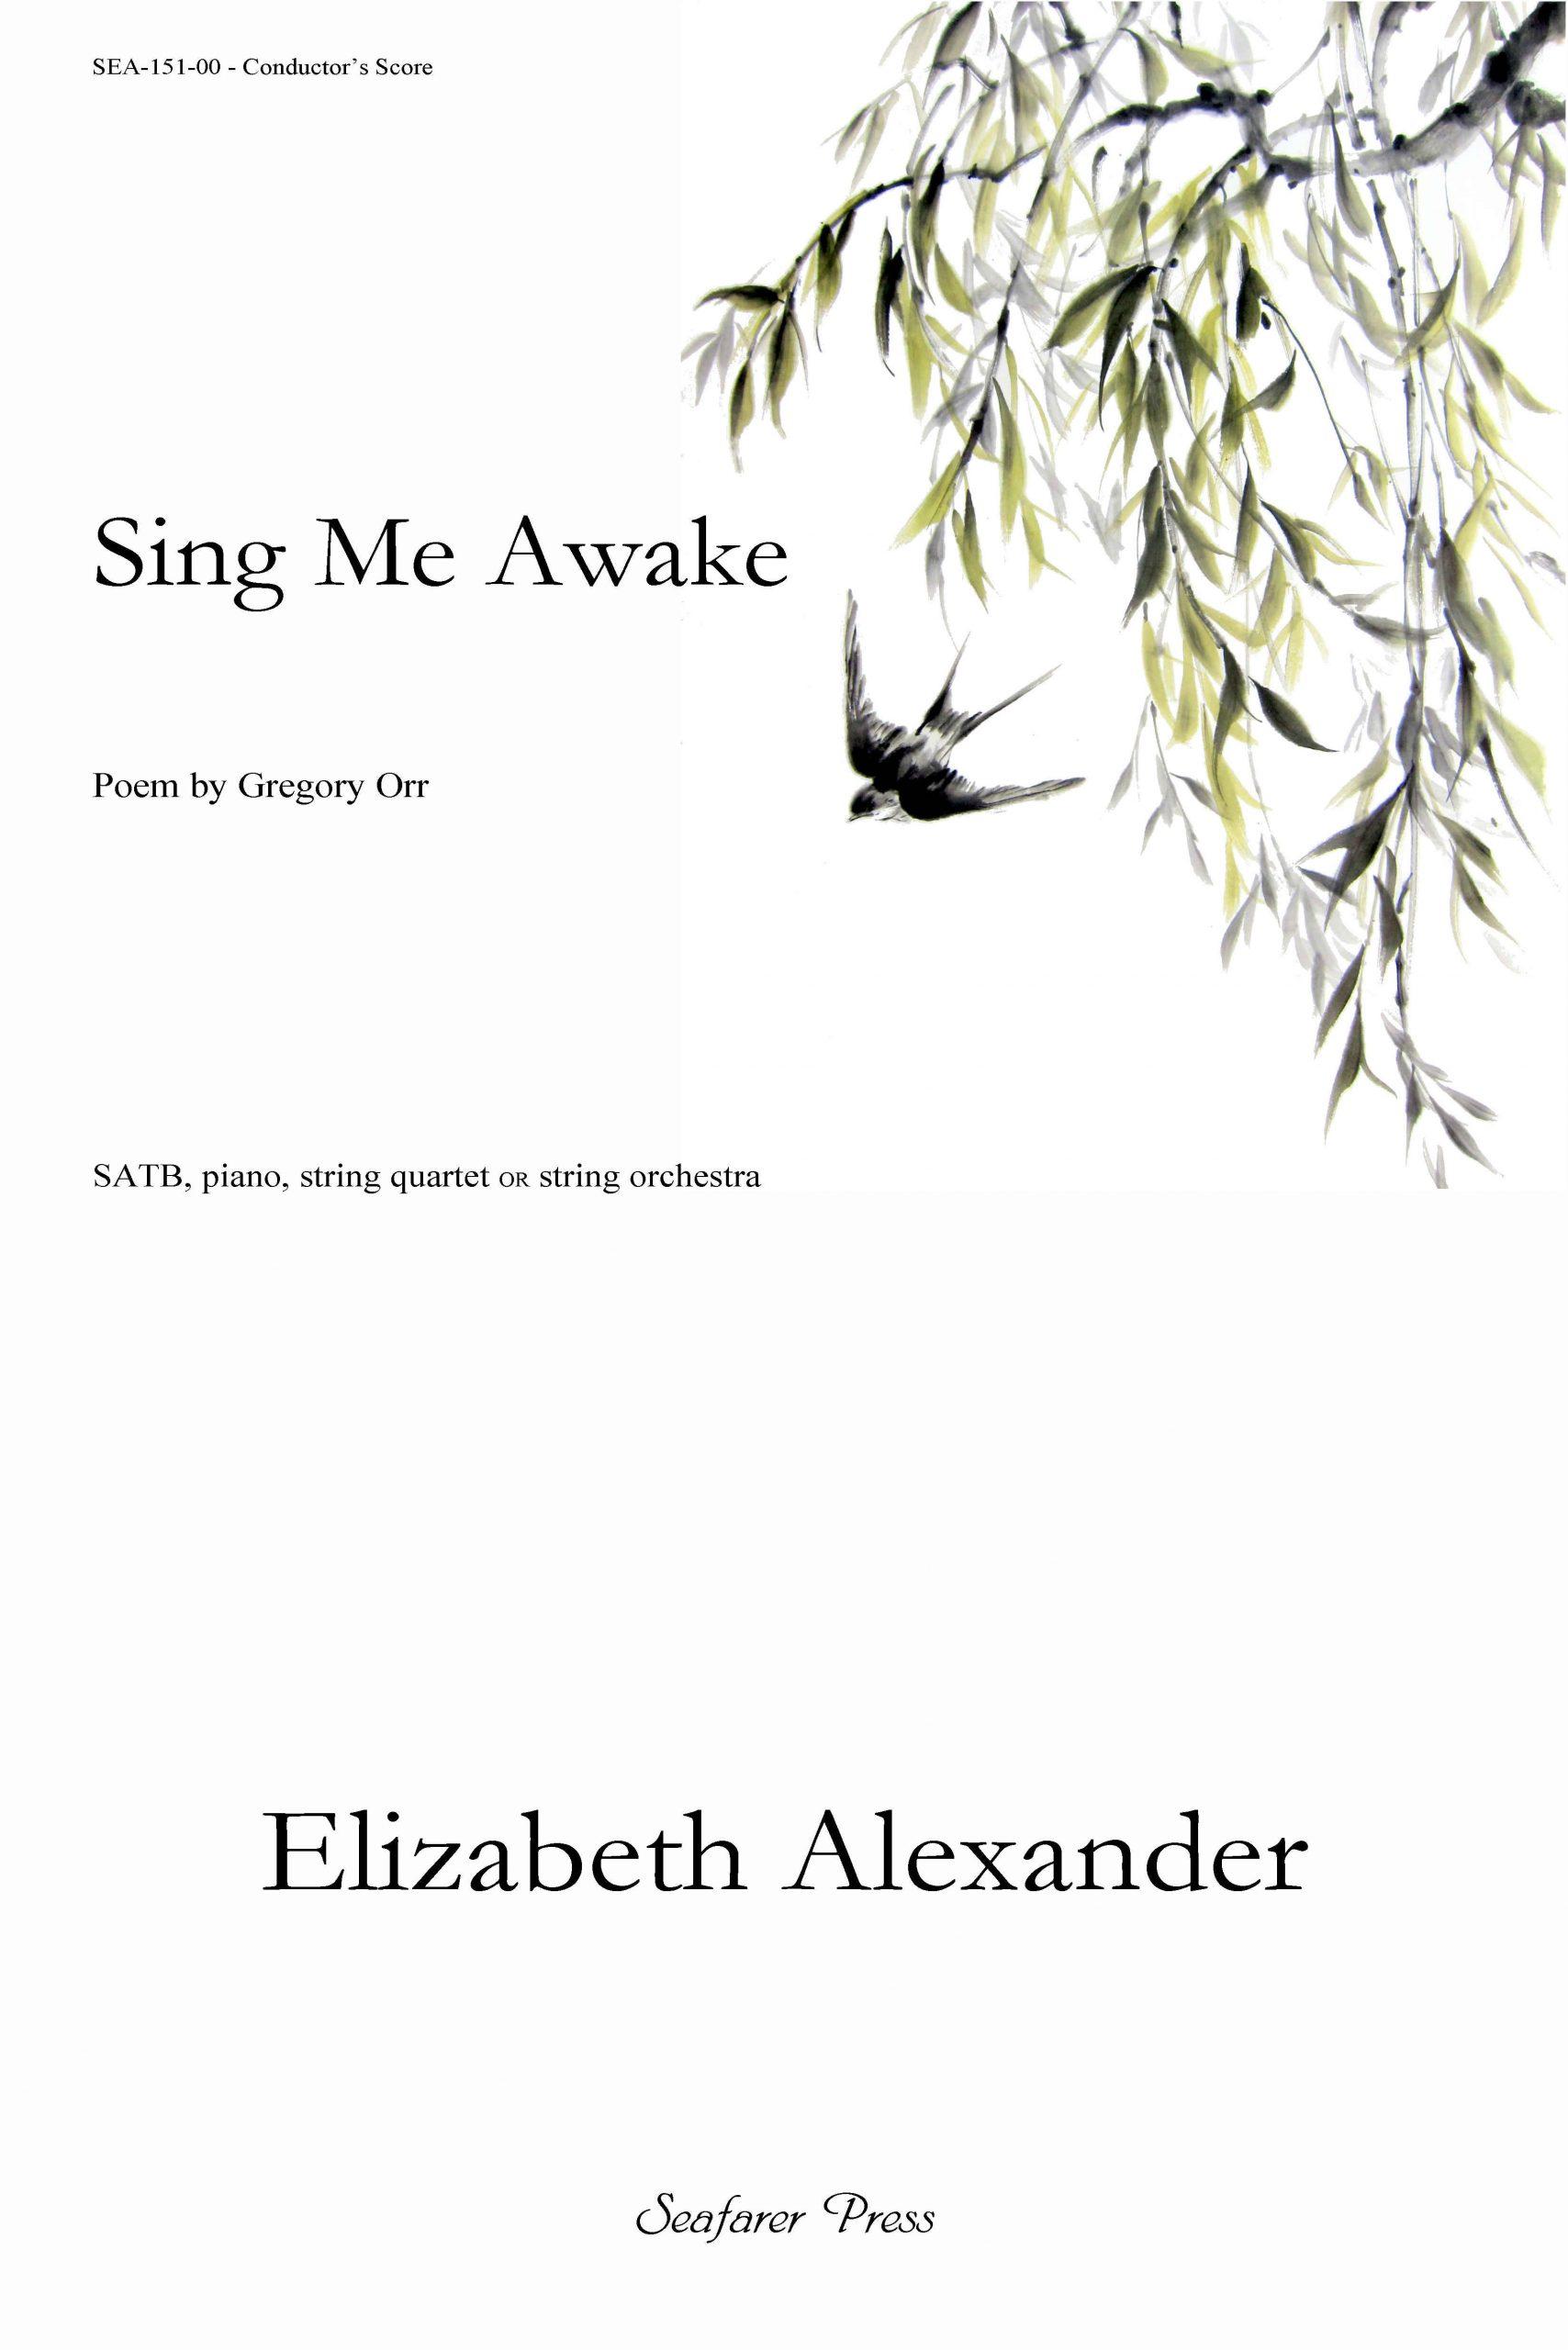 SEA-151-00 - Sing Me Awake